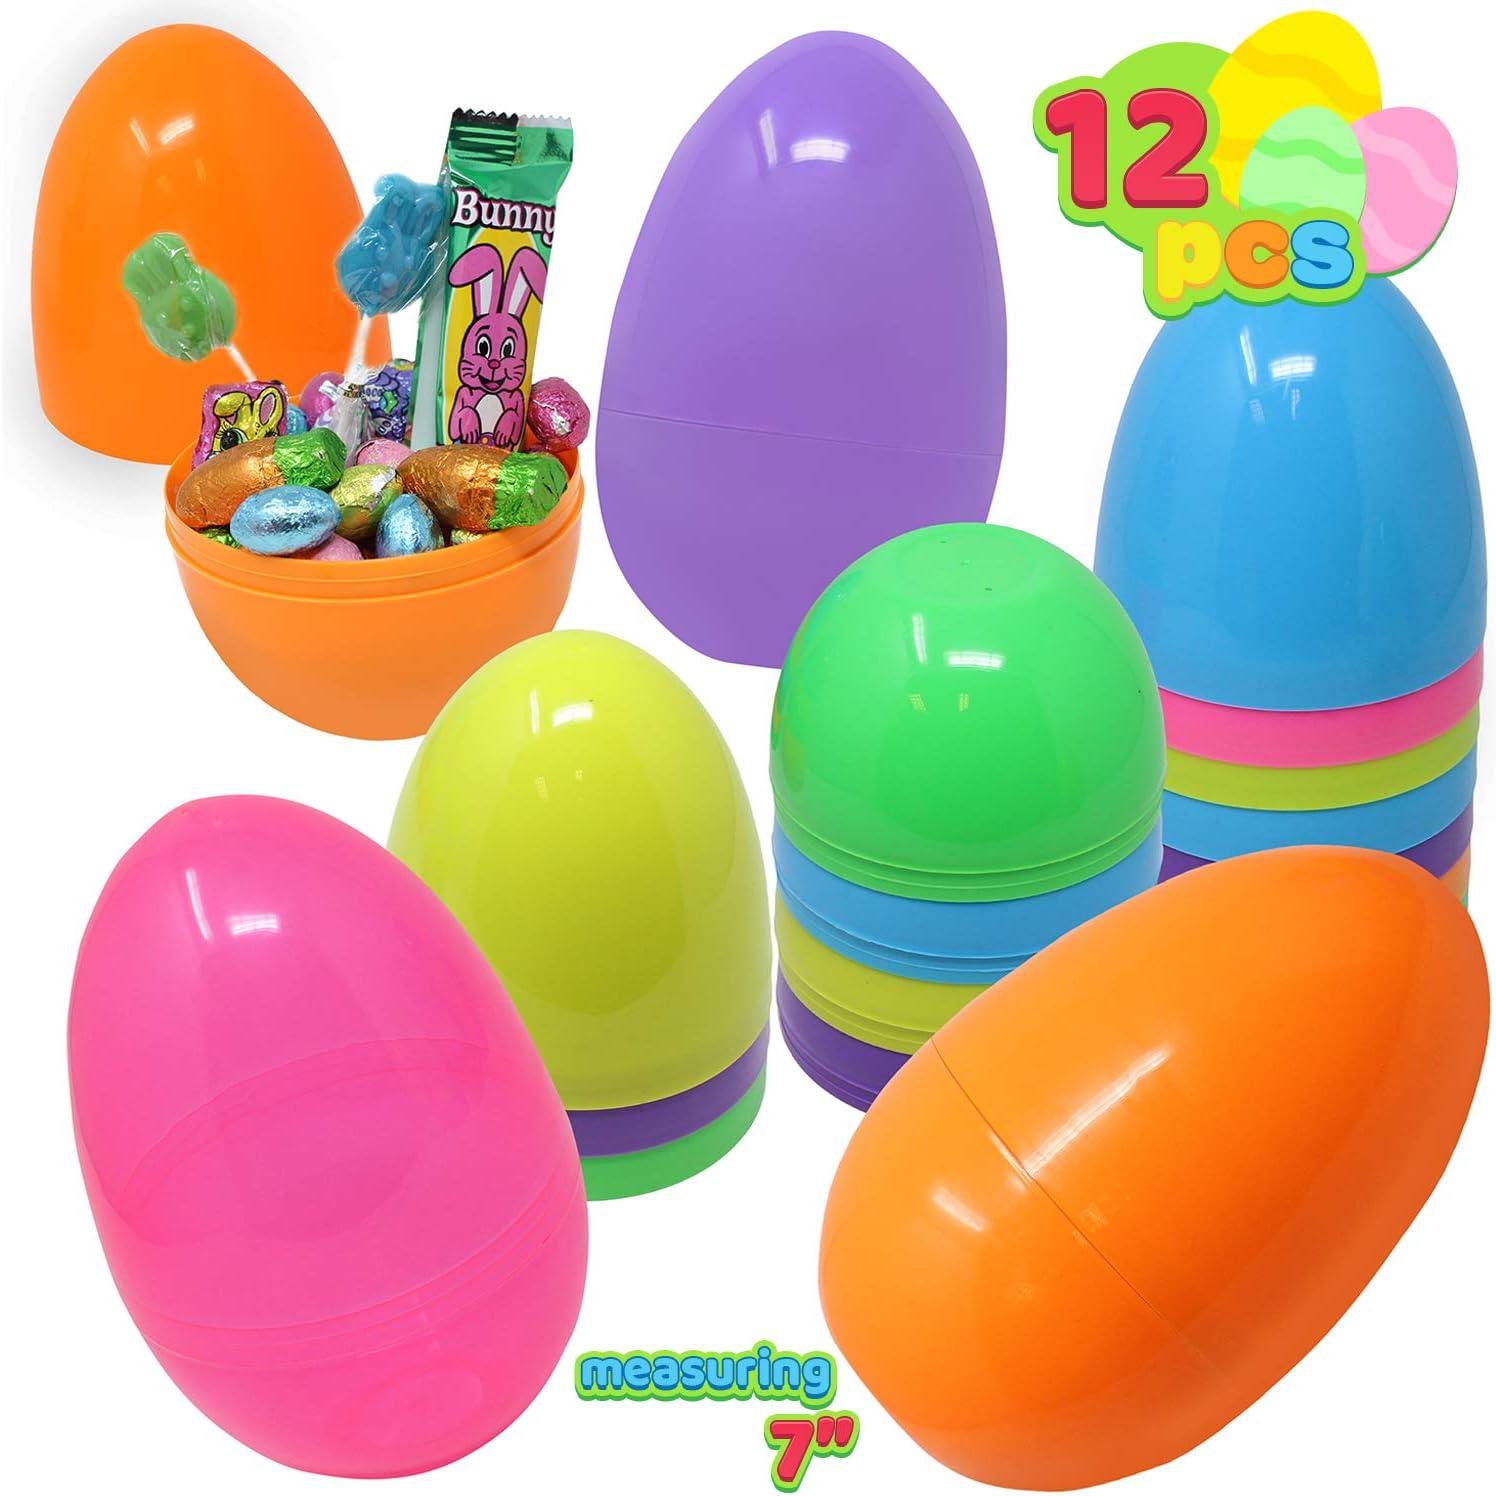 JOYIN 12 Pieces Gigante Huevos de Pascua 18CM, con Mini Regalo de Juguete